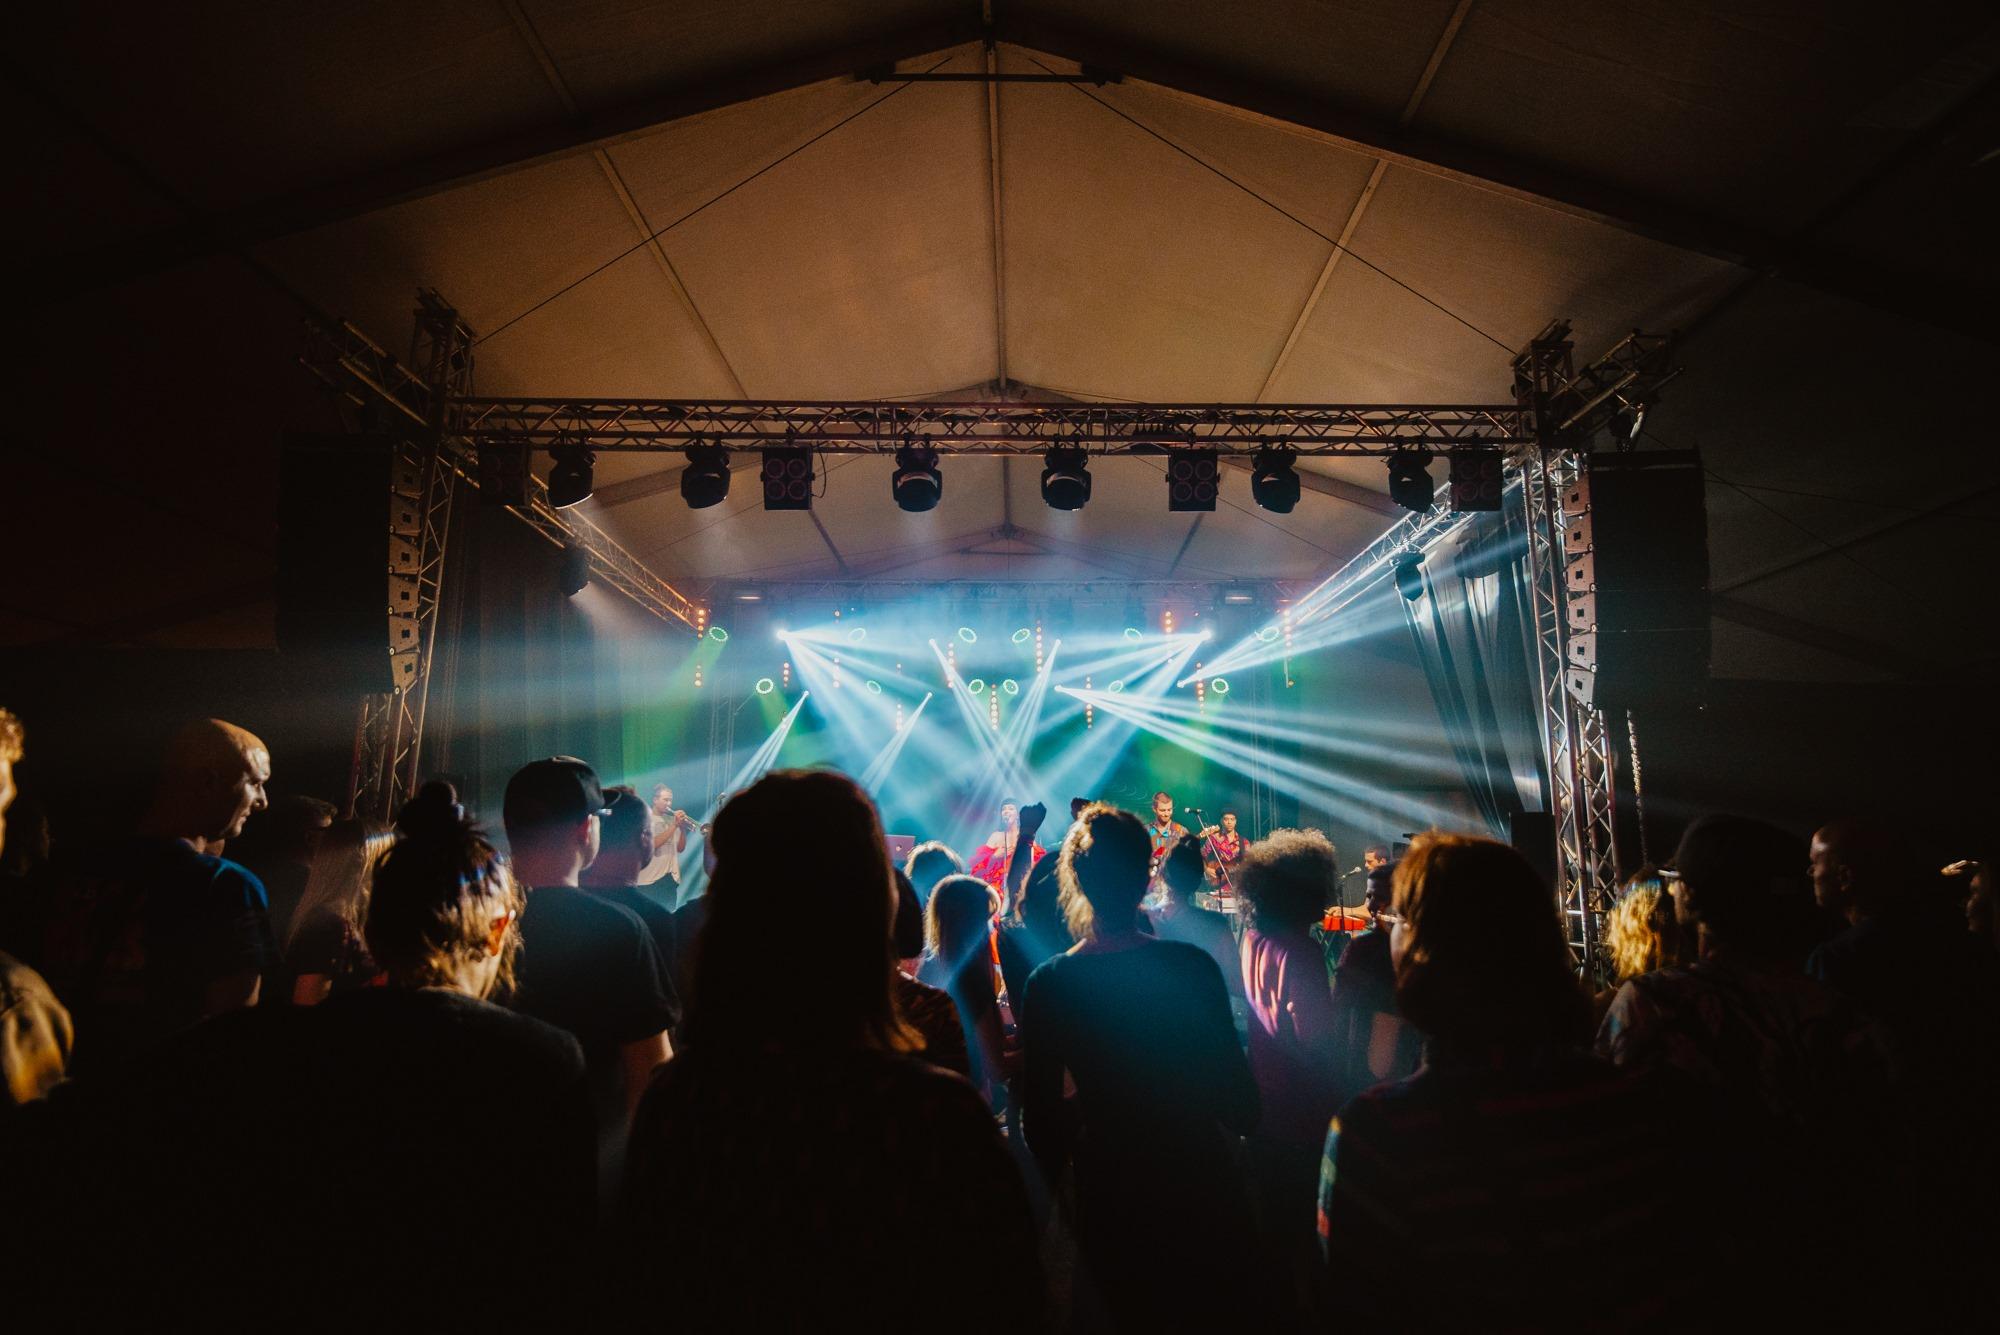 [Zdjęcie z koncertu Nubiyan Twist wykonane z perspektywy widowni. Widoczne są sylwetki osób z widowni wpatrzonych w scenę na której gra zespół. Kadr zdjęcia obejmuje całą konstrukcję sceny. Widoczna jest metalowa konstrukcja na której zamieszczone są światła oraz ogromne głośniki. Wyżej widać dach namiotu pod którym znajduje się scena.]